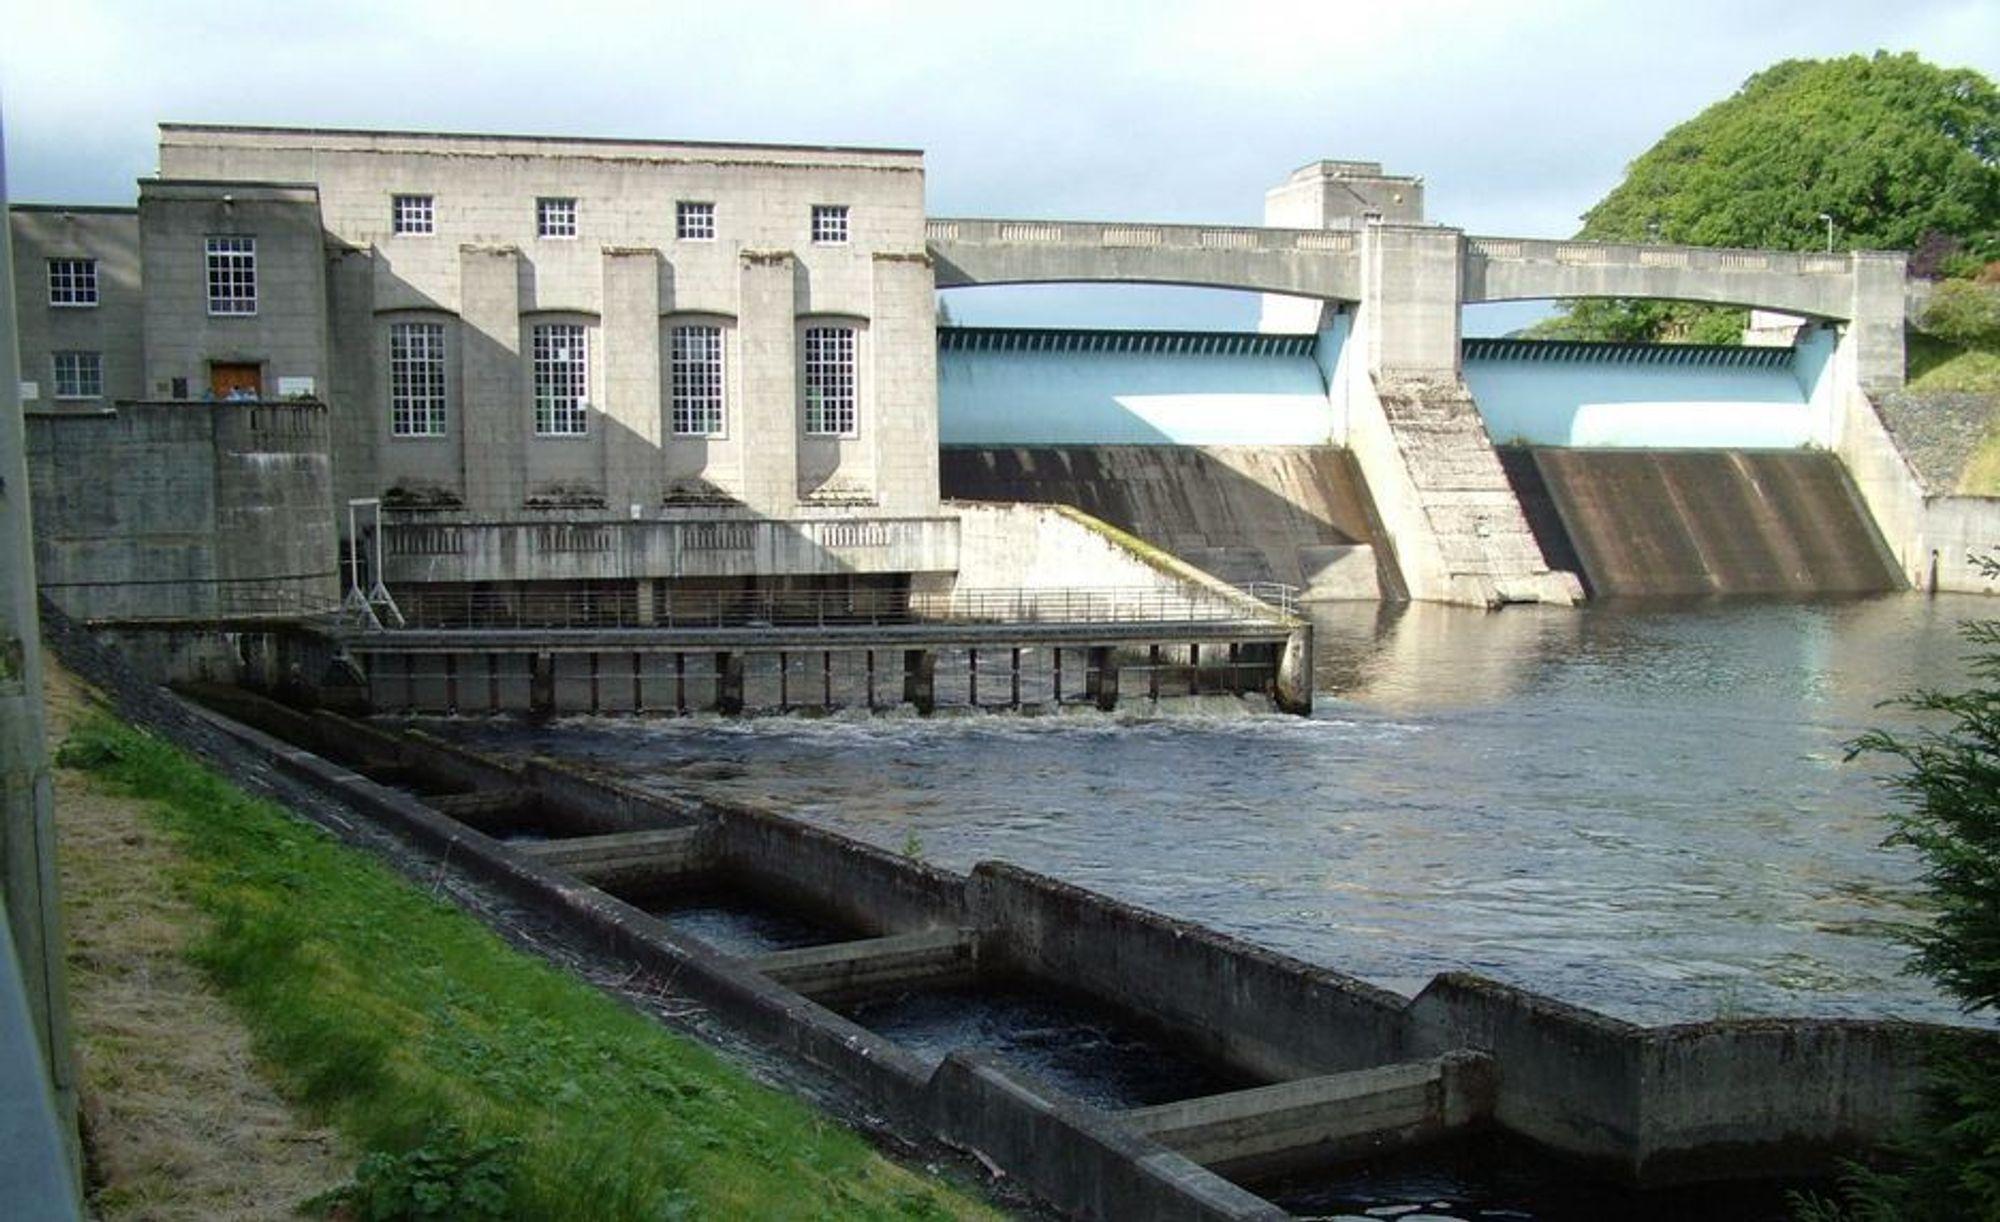 KRAFTRESERVE: Dette er Scottish and Southern Energys vannkraftverk Pitlochry. Selskapet søker nå skotske myndigheter om å få bygge et anlegg ved et annet kraftverk for å pumpe vann opp fra lavere til høyere reservoarer. Slik får selskapet tilgang på 100 GWh reservekraft til bruk i perioder med topplast.